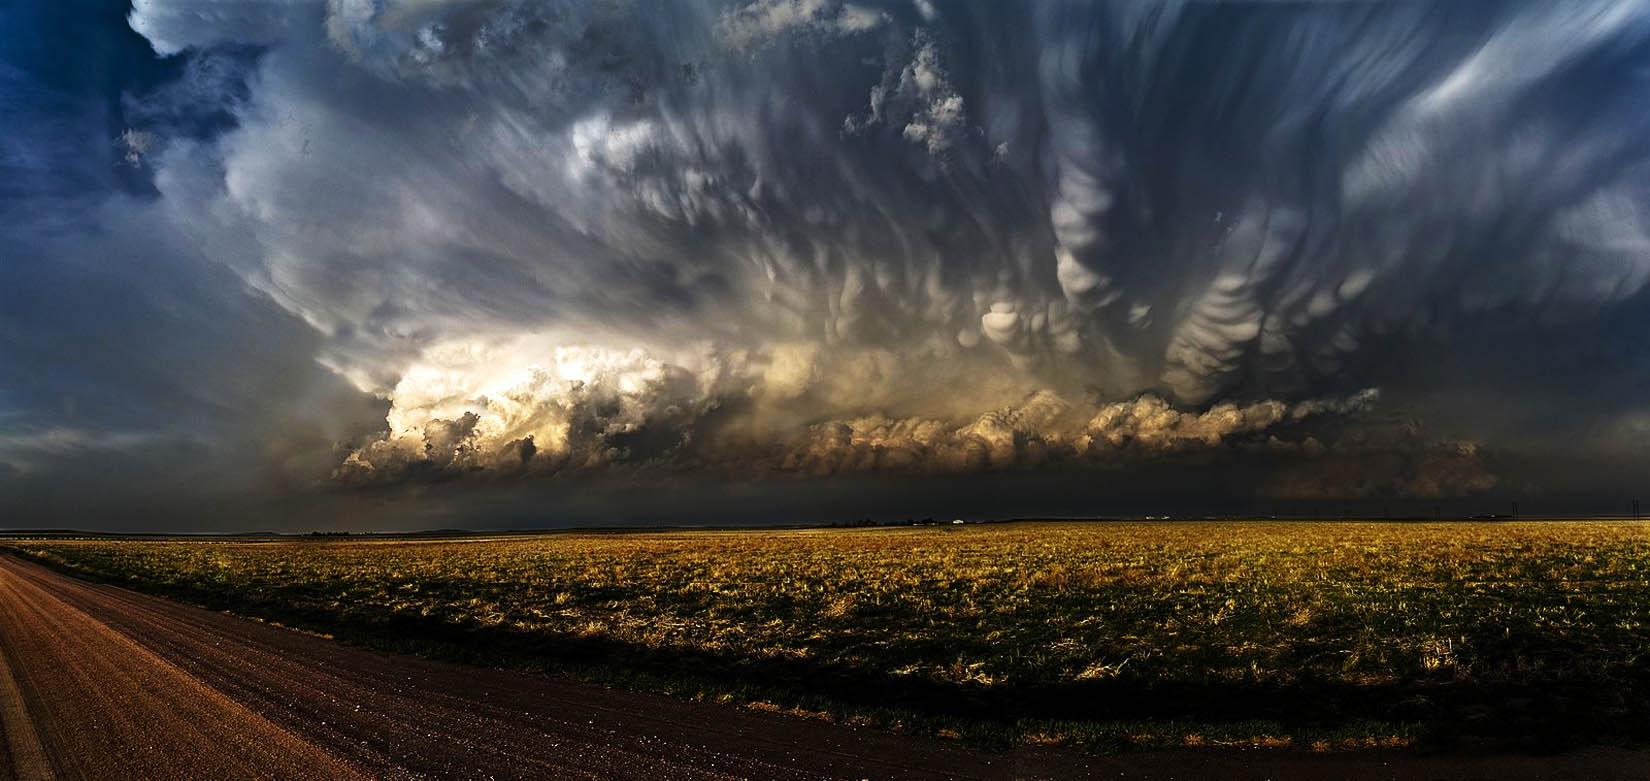 Storm Pictures Wallpaper - WallpaperSafari